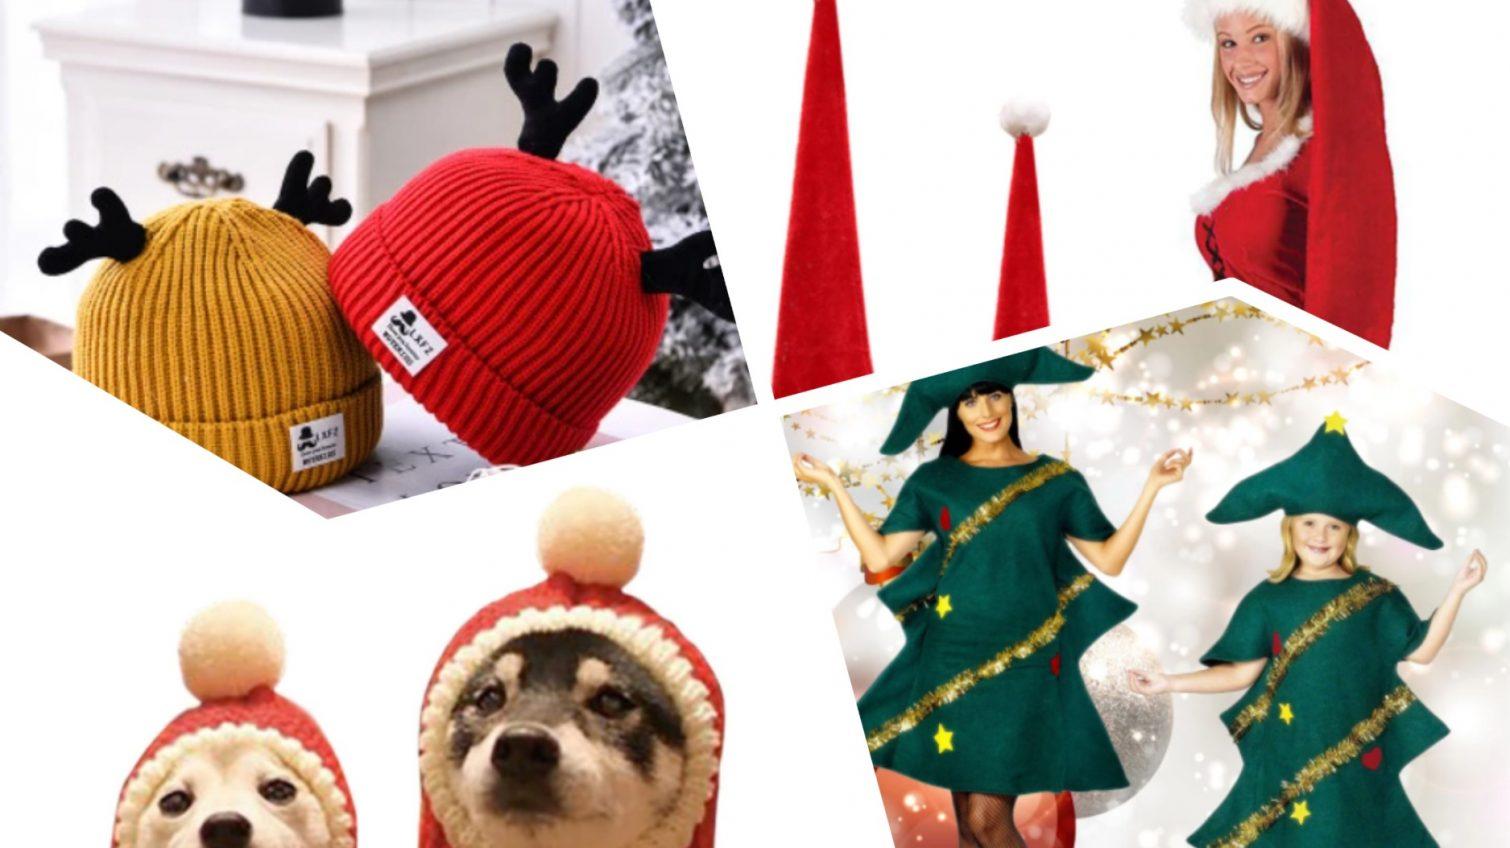 Костюм пива или гамбургера: топ странных костюмов на Новый год (фото) «фото»